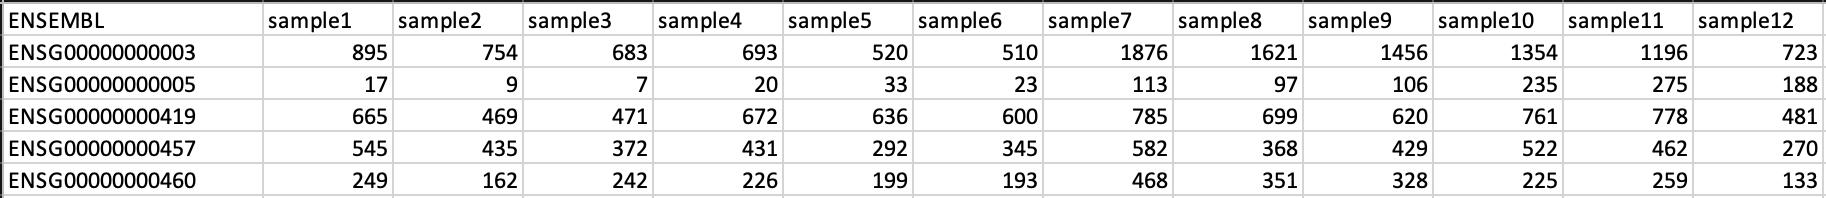 docs/Figures/rawCounts_RNA.png